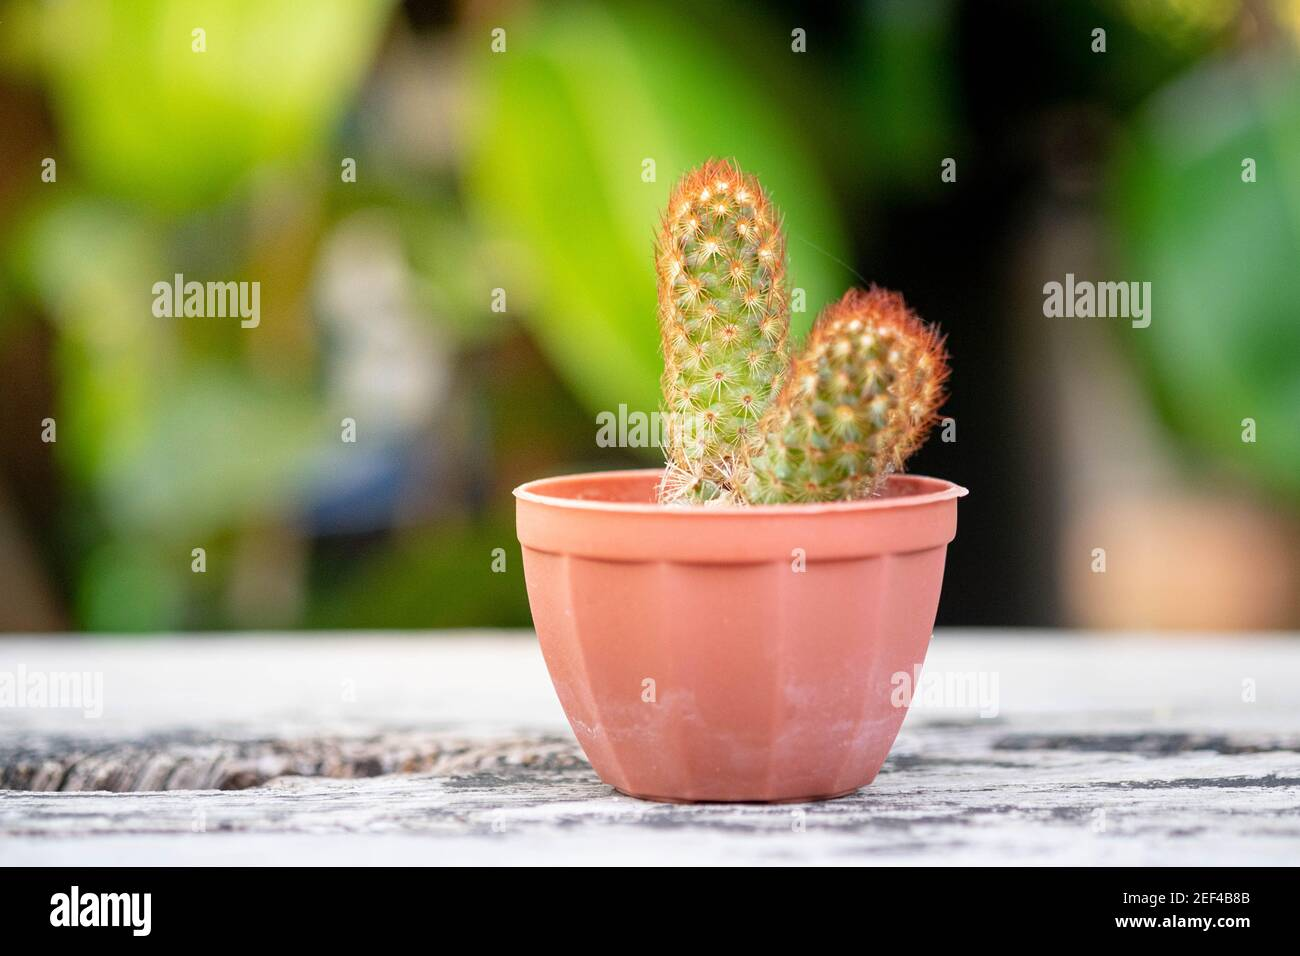 Planta pequeña o cactus en maceta sobre la mesa de madera vintage con luz natural y fondo verde, enfoque selectivo. Foto de stock